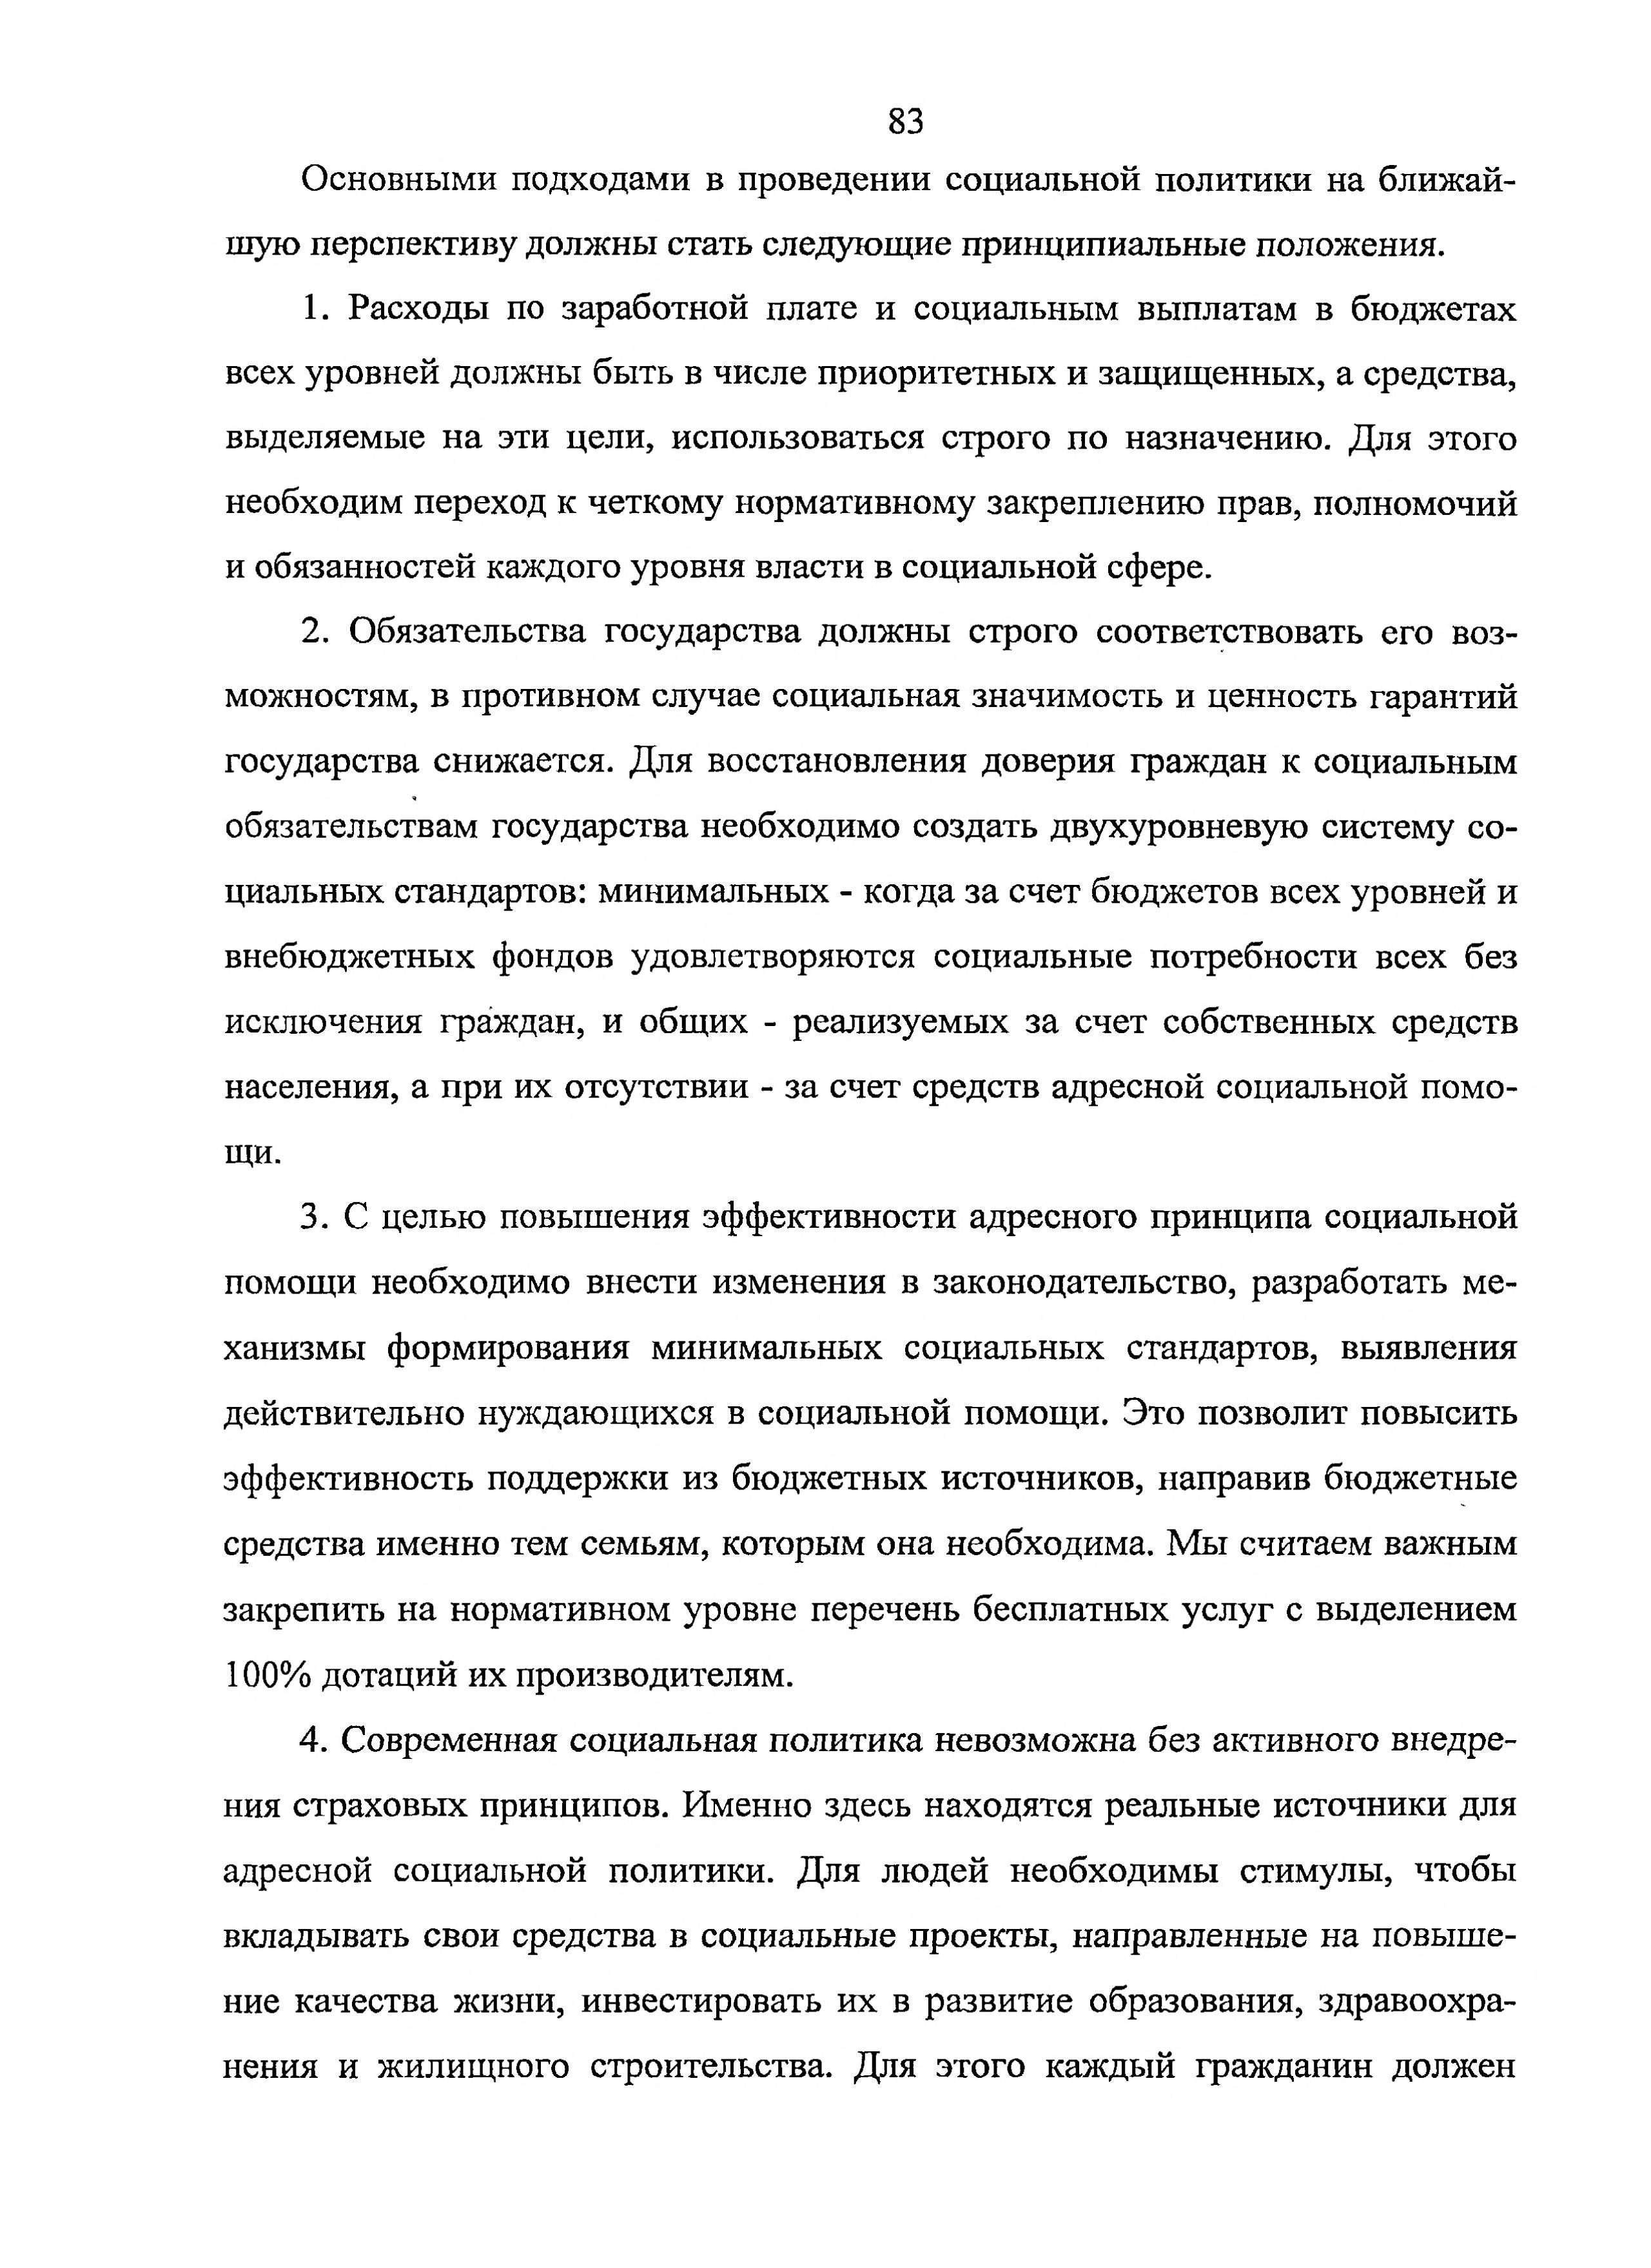 Директор Ижмаша Бусыгин украл речь президента Ельцина для своей  диссер 1